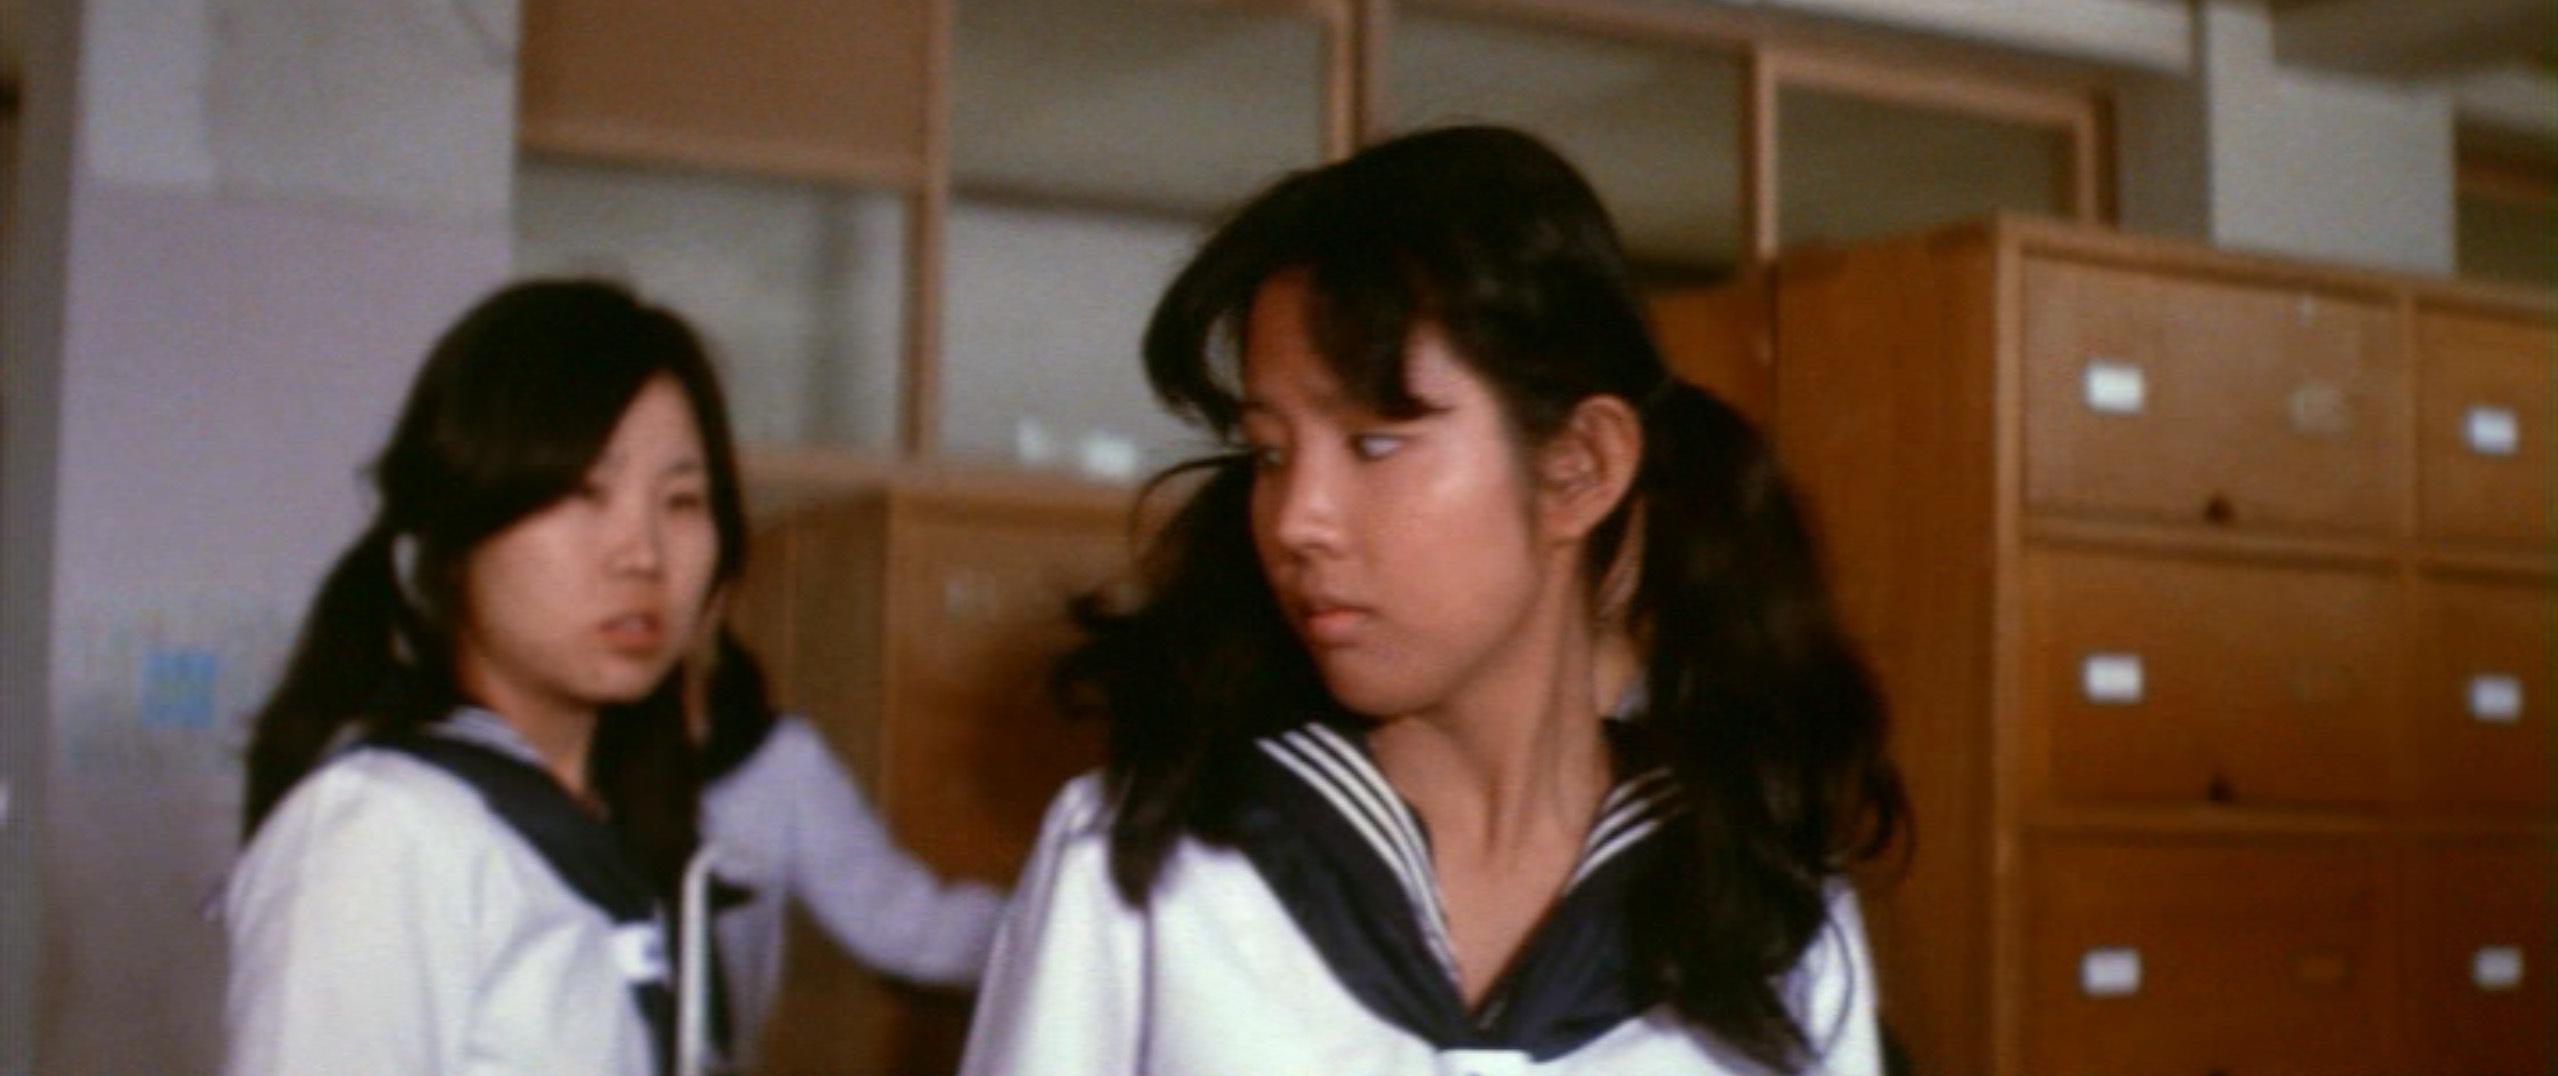 市毛良枝(Yoshie Ichige)「混血児リカ ハマぐれ子守唄」(1973)・・・《前半》_e0042361_20461228.jpg